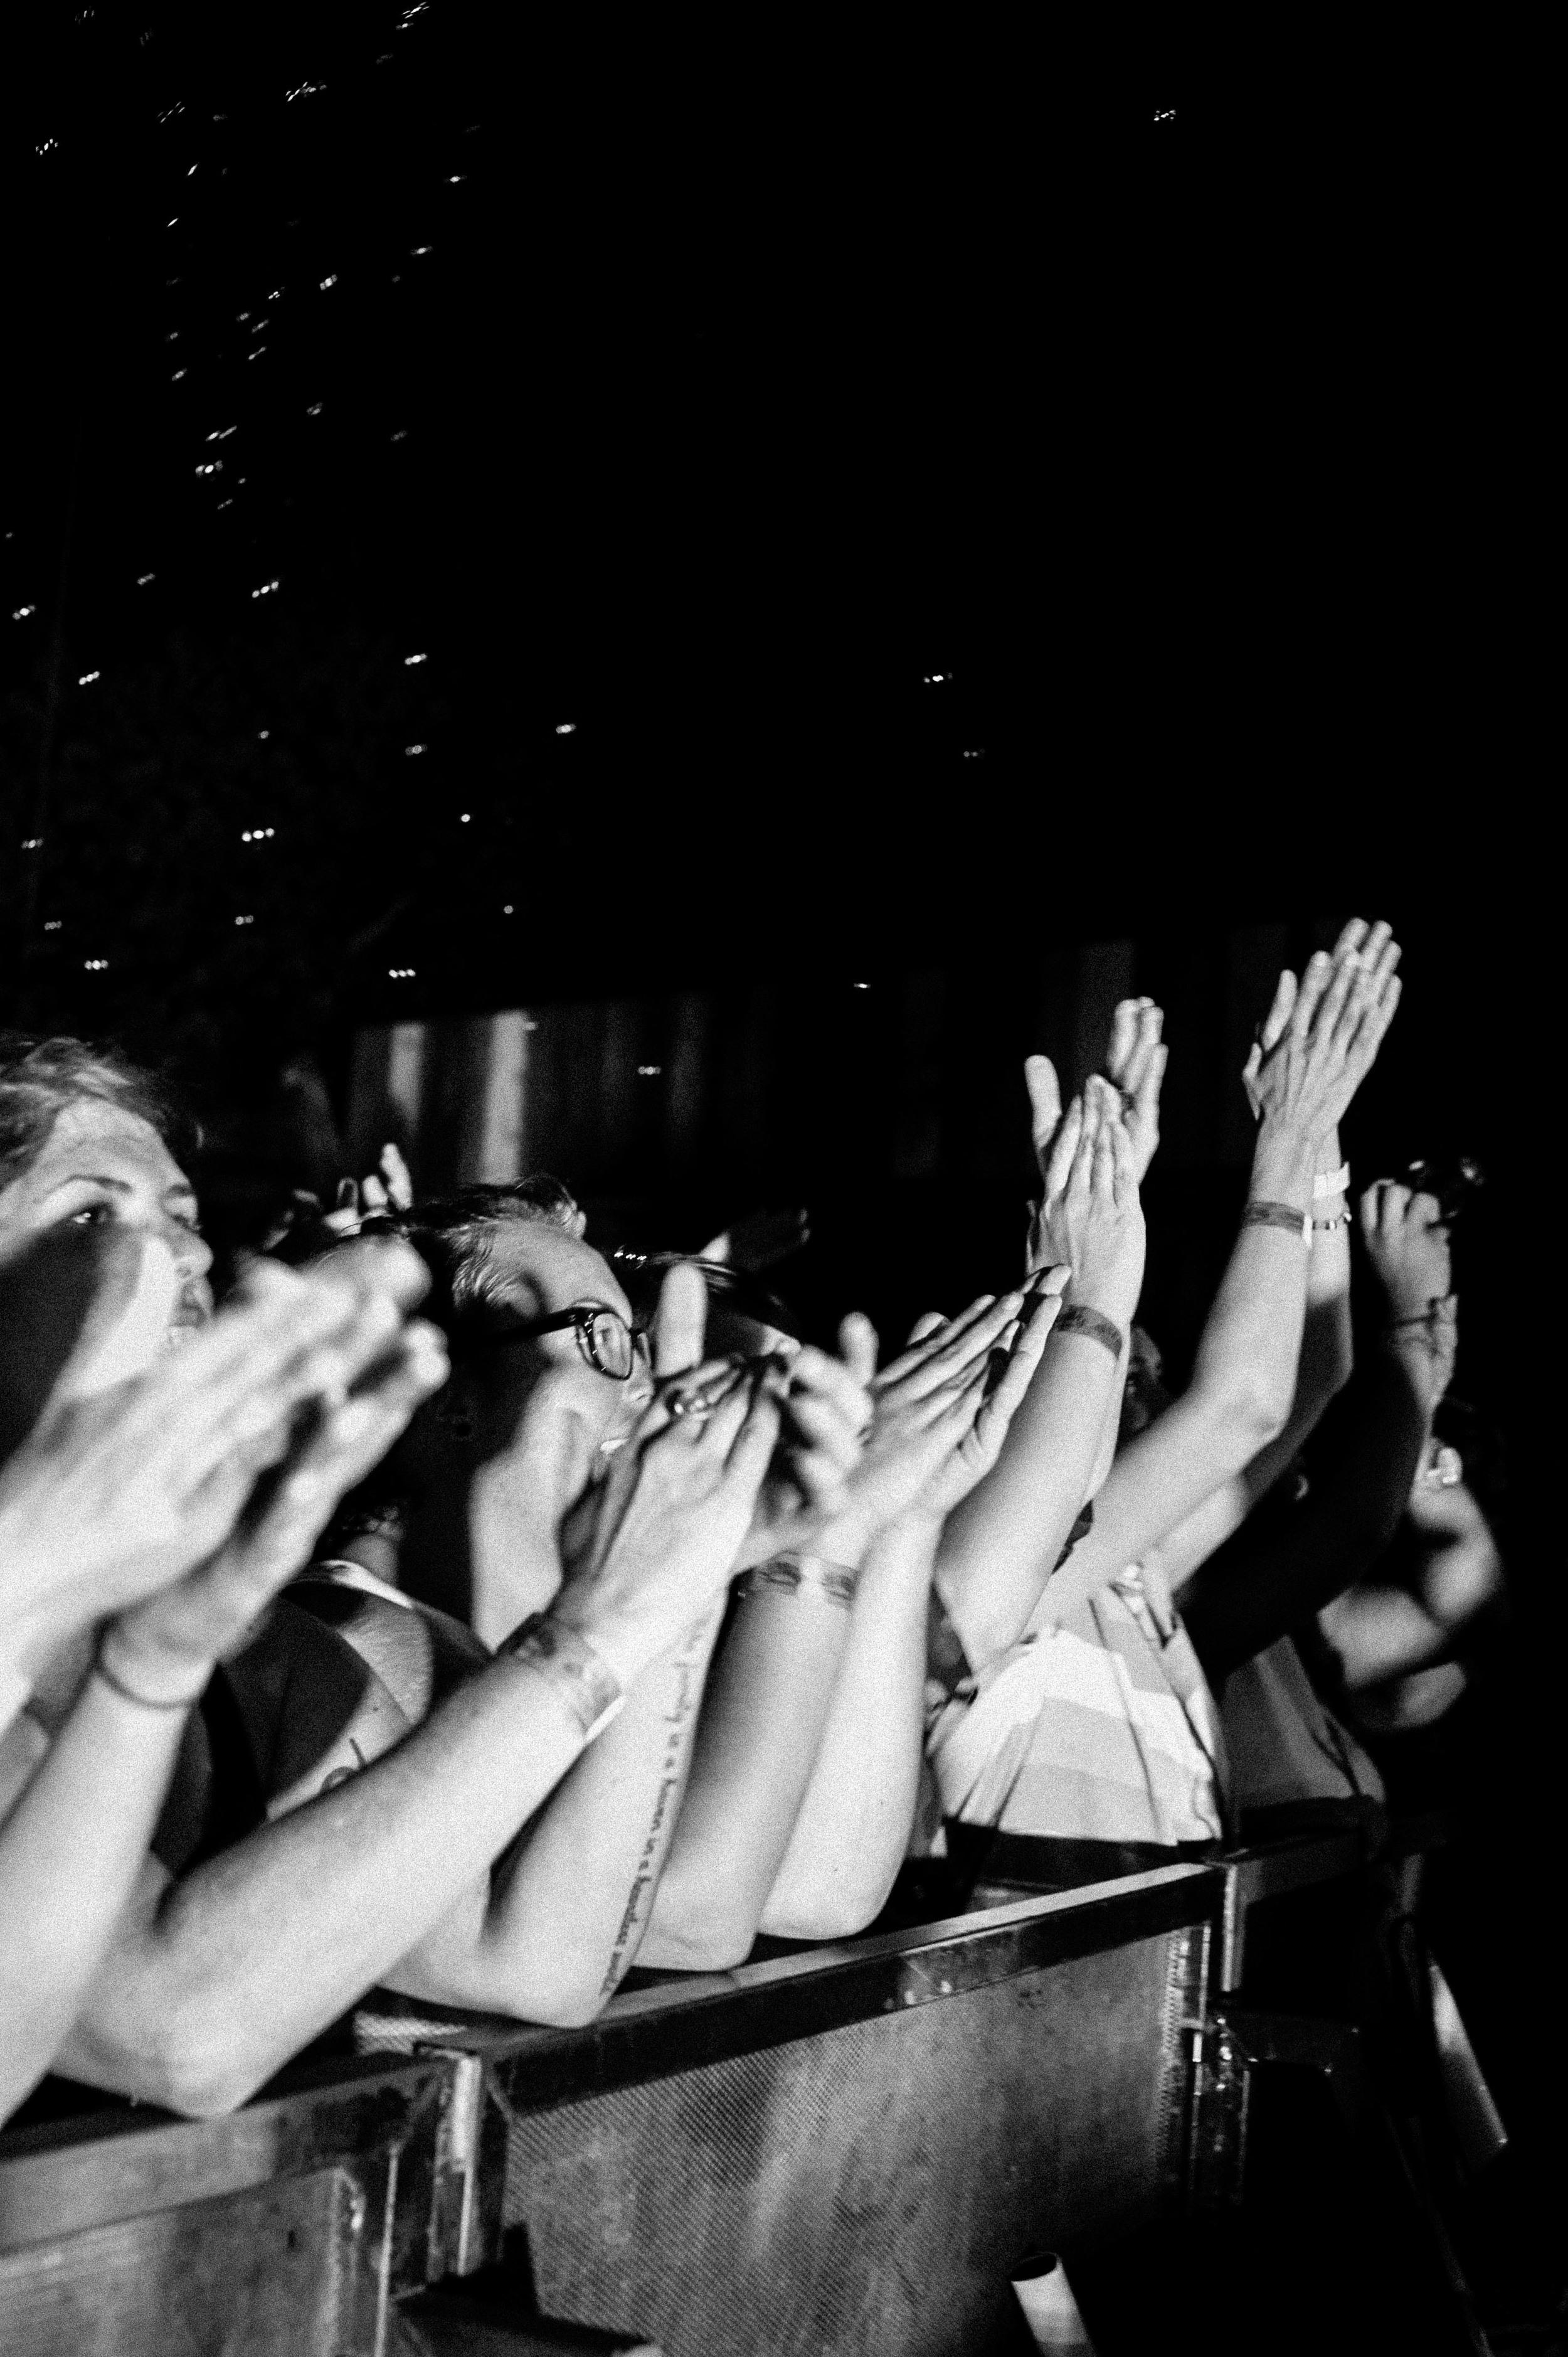 Concert Tegan & Sara Austin 2013 TNP-230.jpg